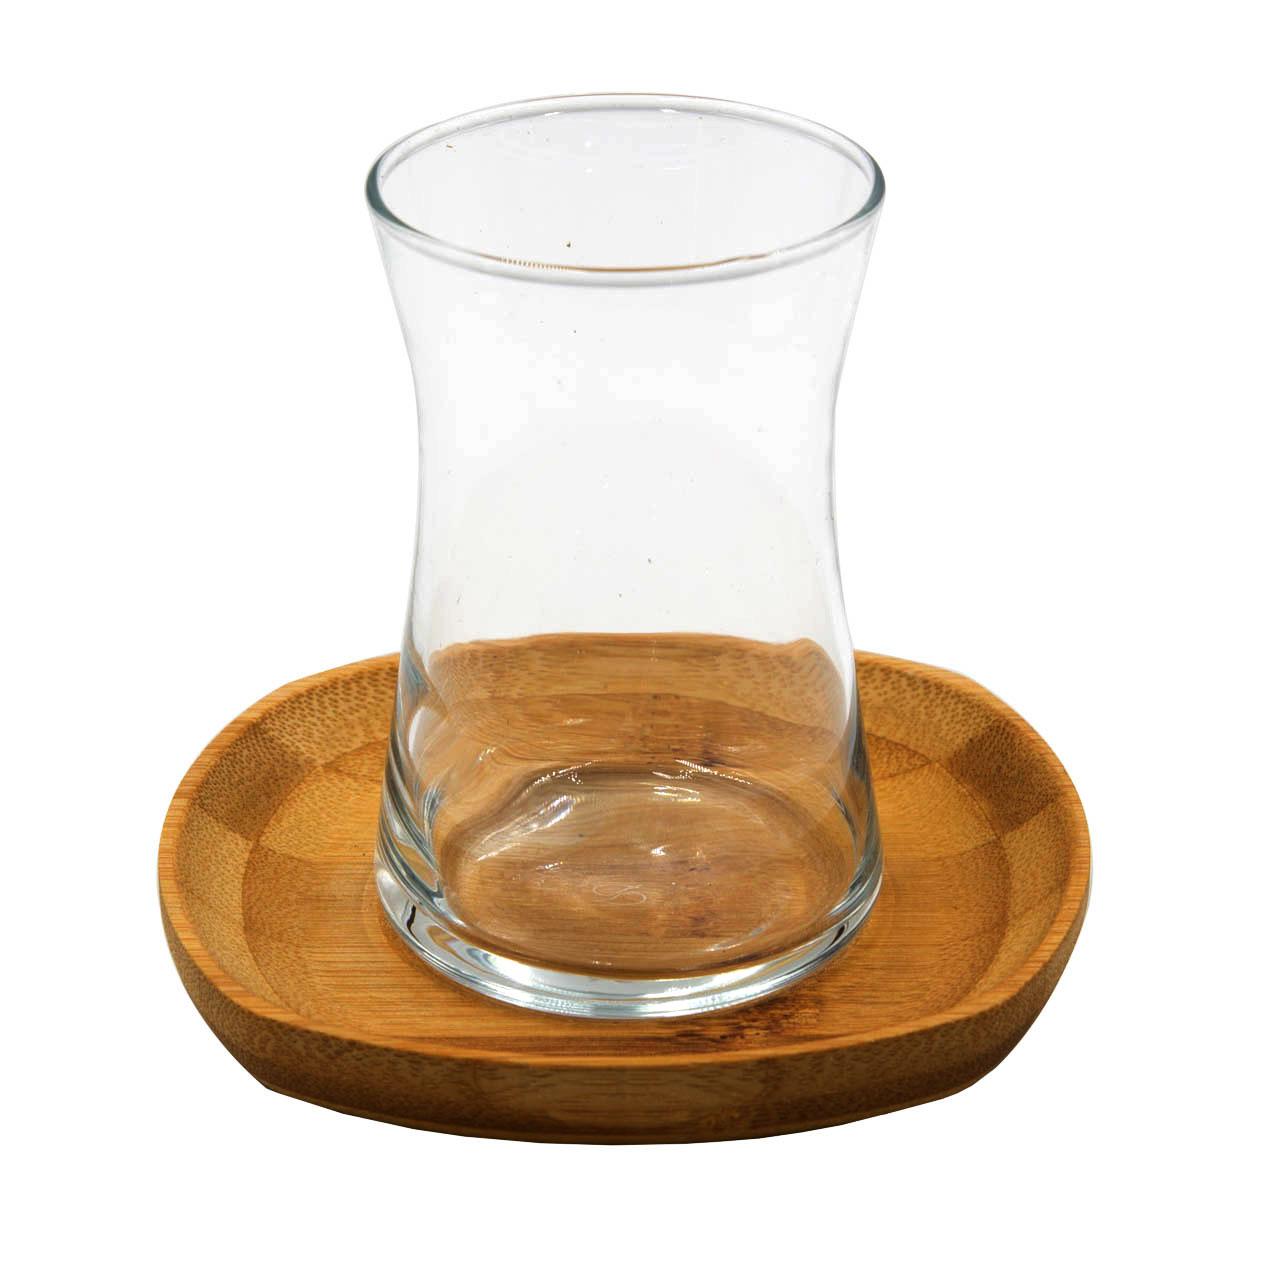 سرویس چای خوری 12 پارچه انگلیش هوم مدل Vanity Bambu